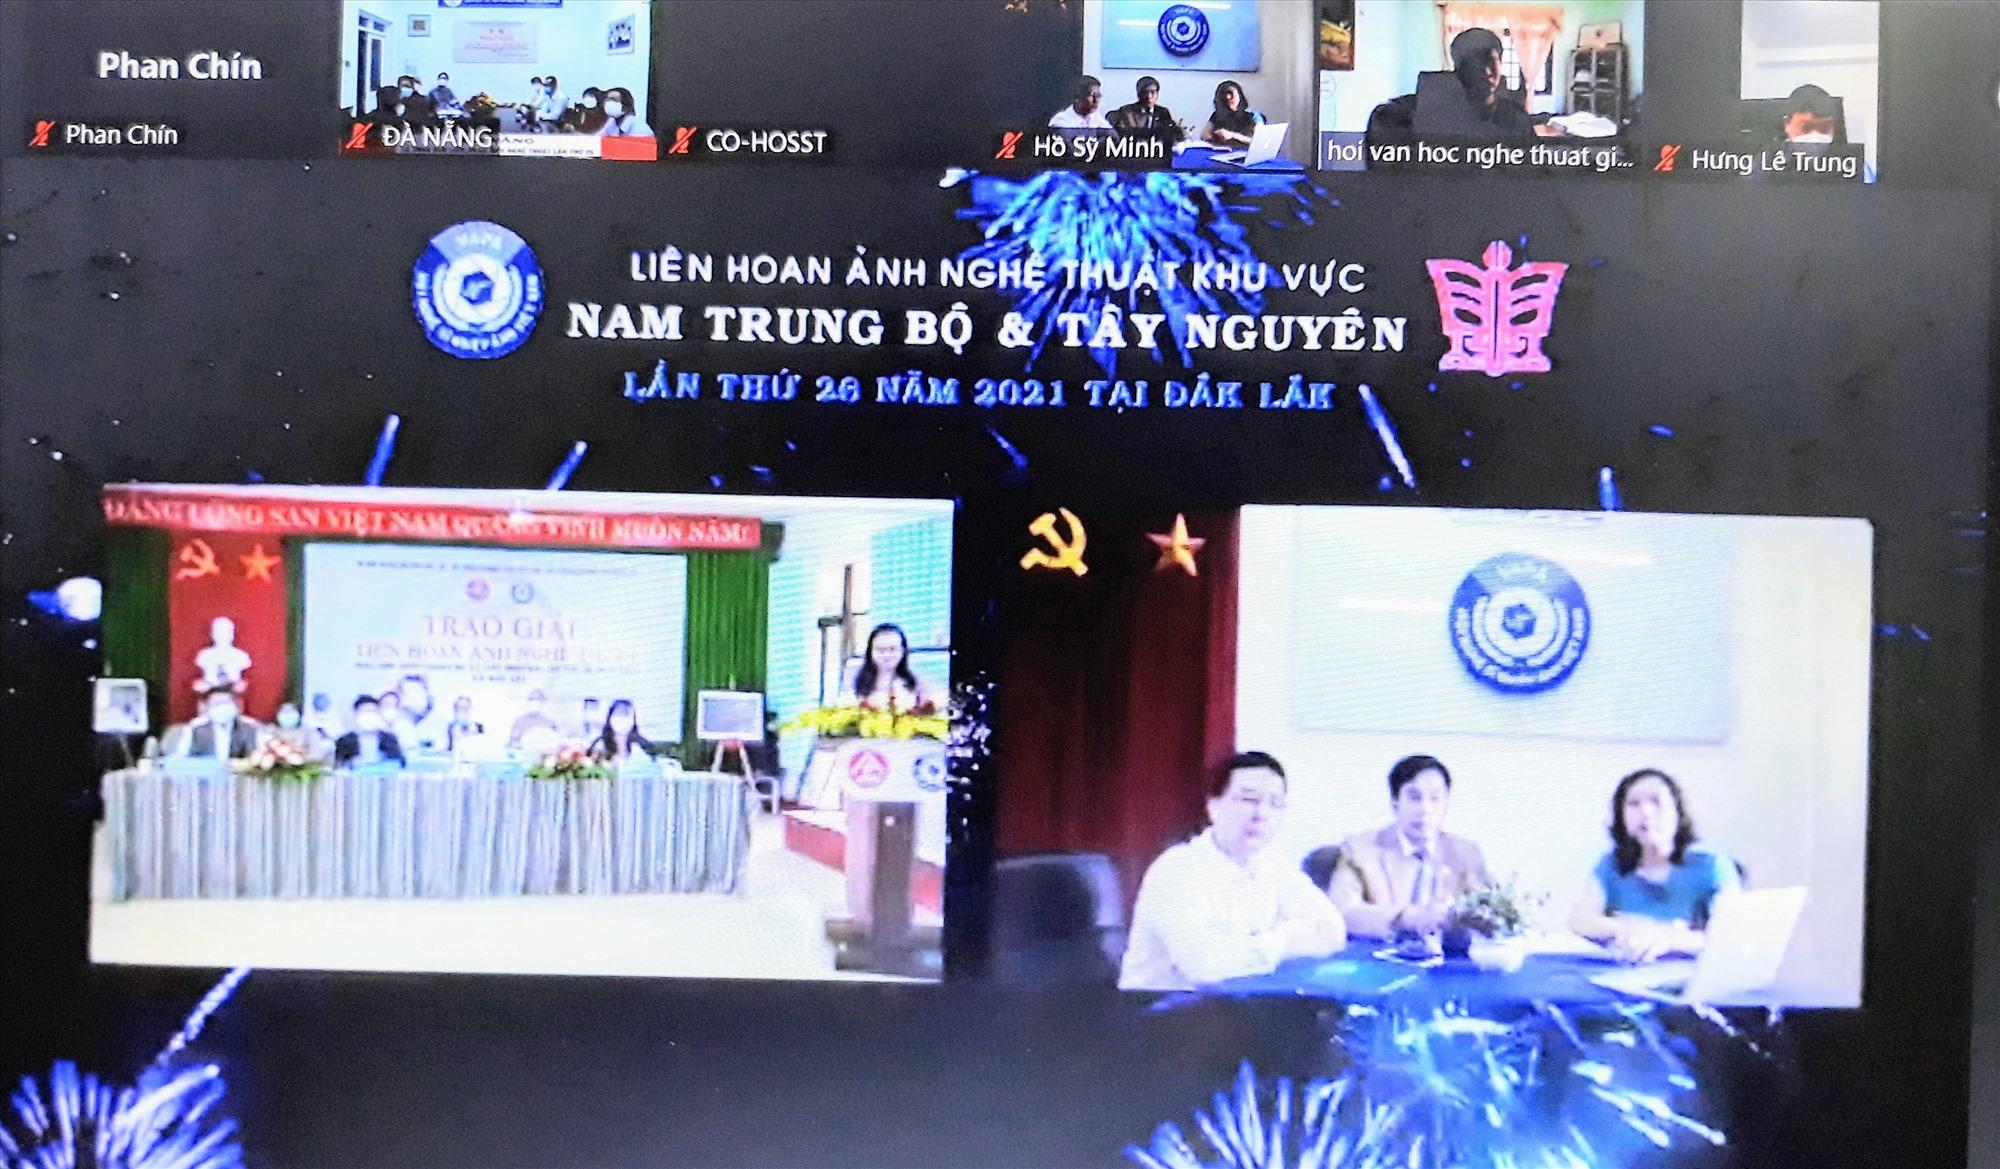 Các điểm cầu tại lễ tổng kết và trao giải Liên hoan Ảnh nghệ thuật khu vực V lần thứ 26. (Ảnh chụp qua màn hình)